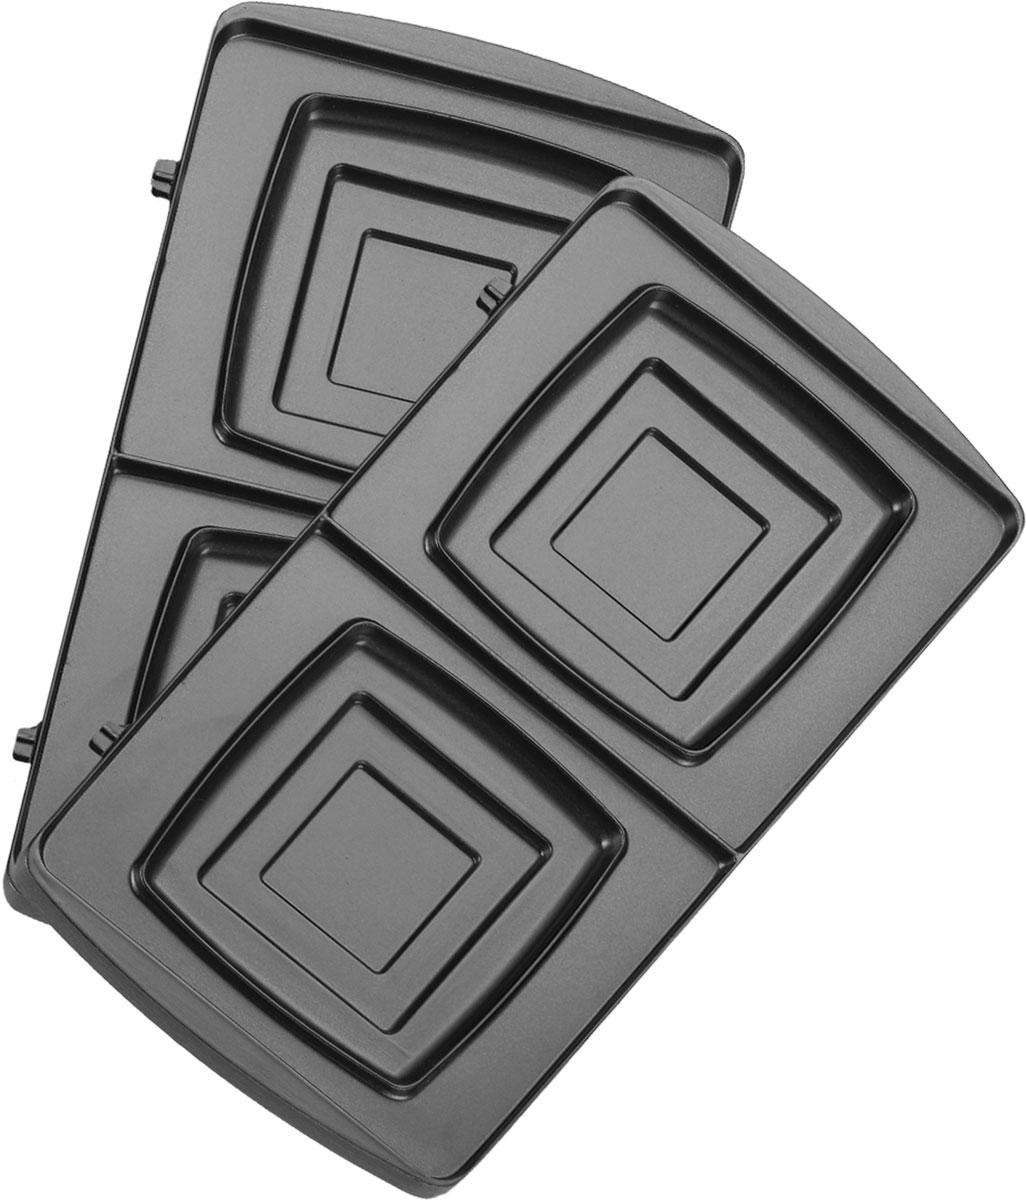 Redmond RAMB-04 панель для мультипекаряRAMB-04Универсальные съемные панели для любого мультипекаря REDMOND!Позволят приготовить бисквитные пирожные с заварным кремом, печенье или пряники с разнообразными вкусами.Панели изготовлены из металла с антипригарным покрытием – они долговечны и легки в уходе.